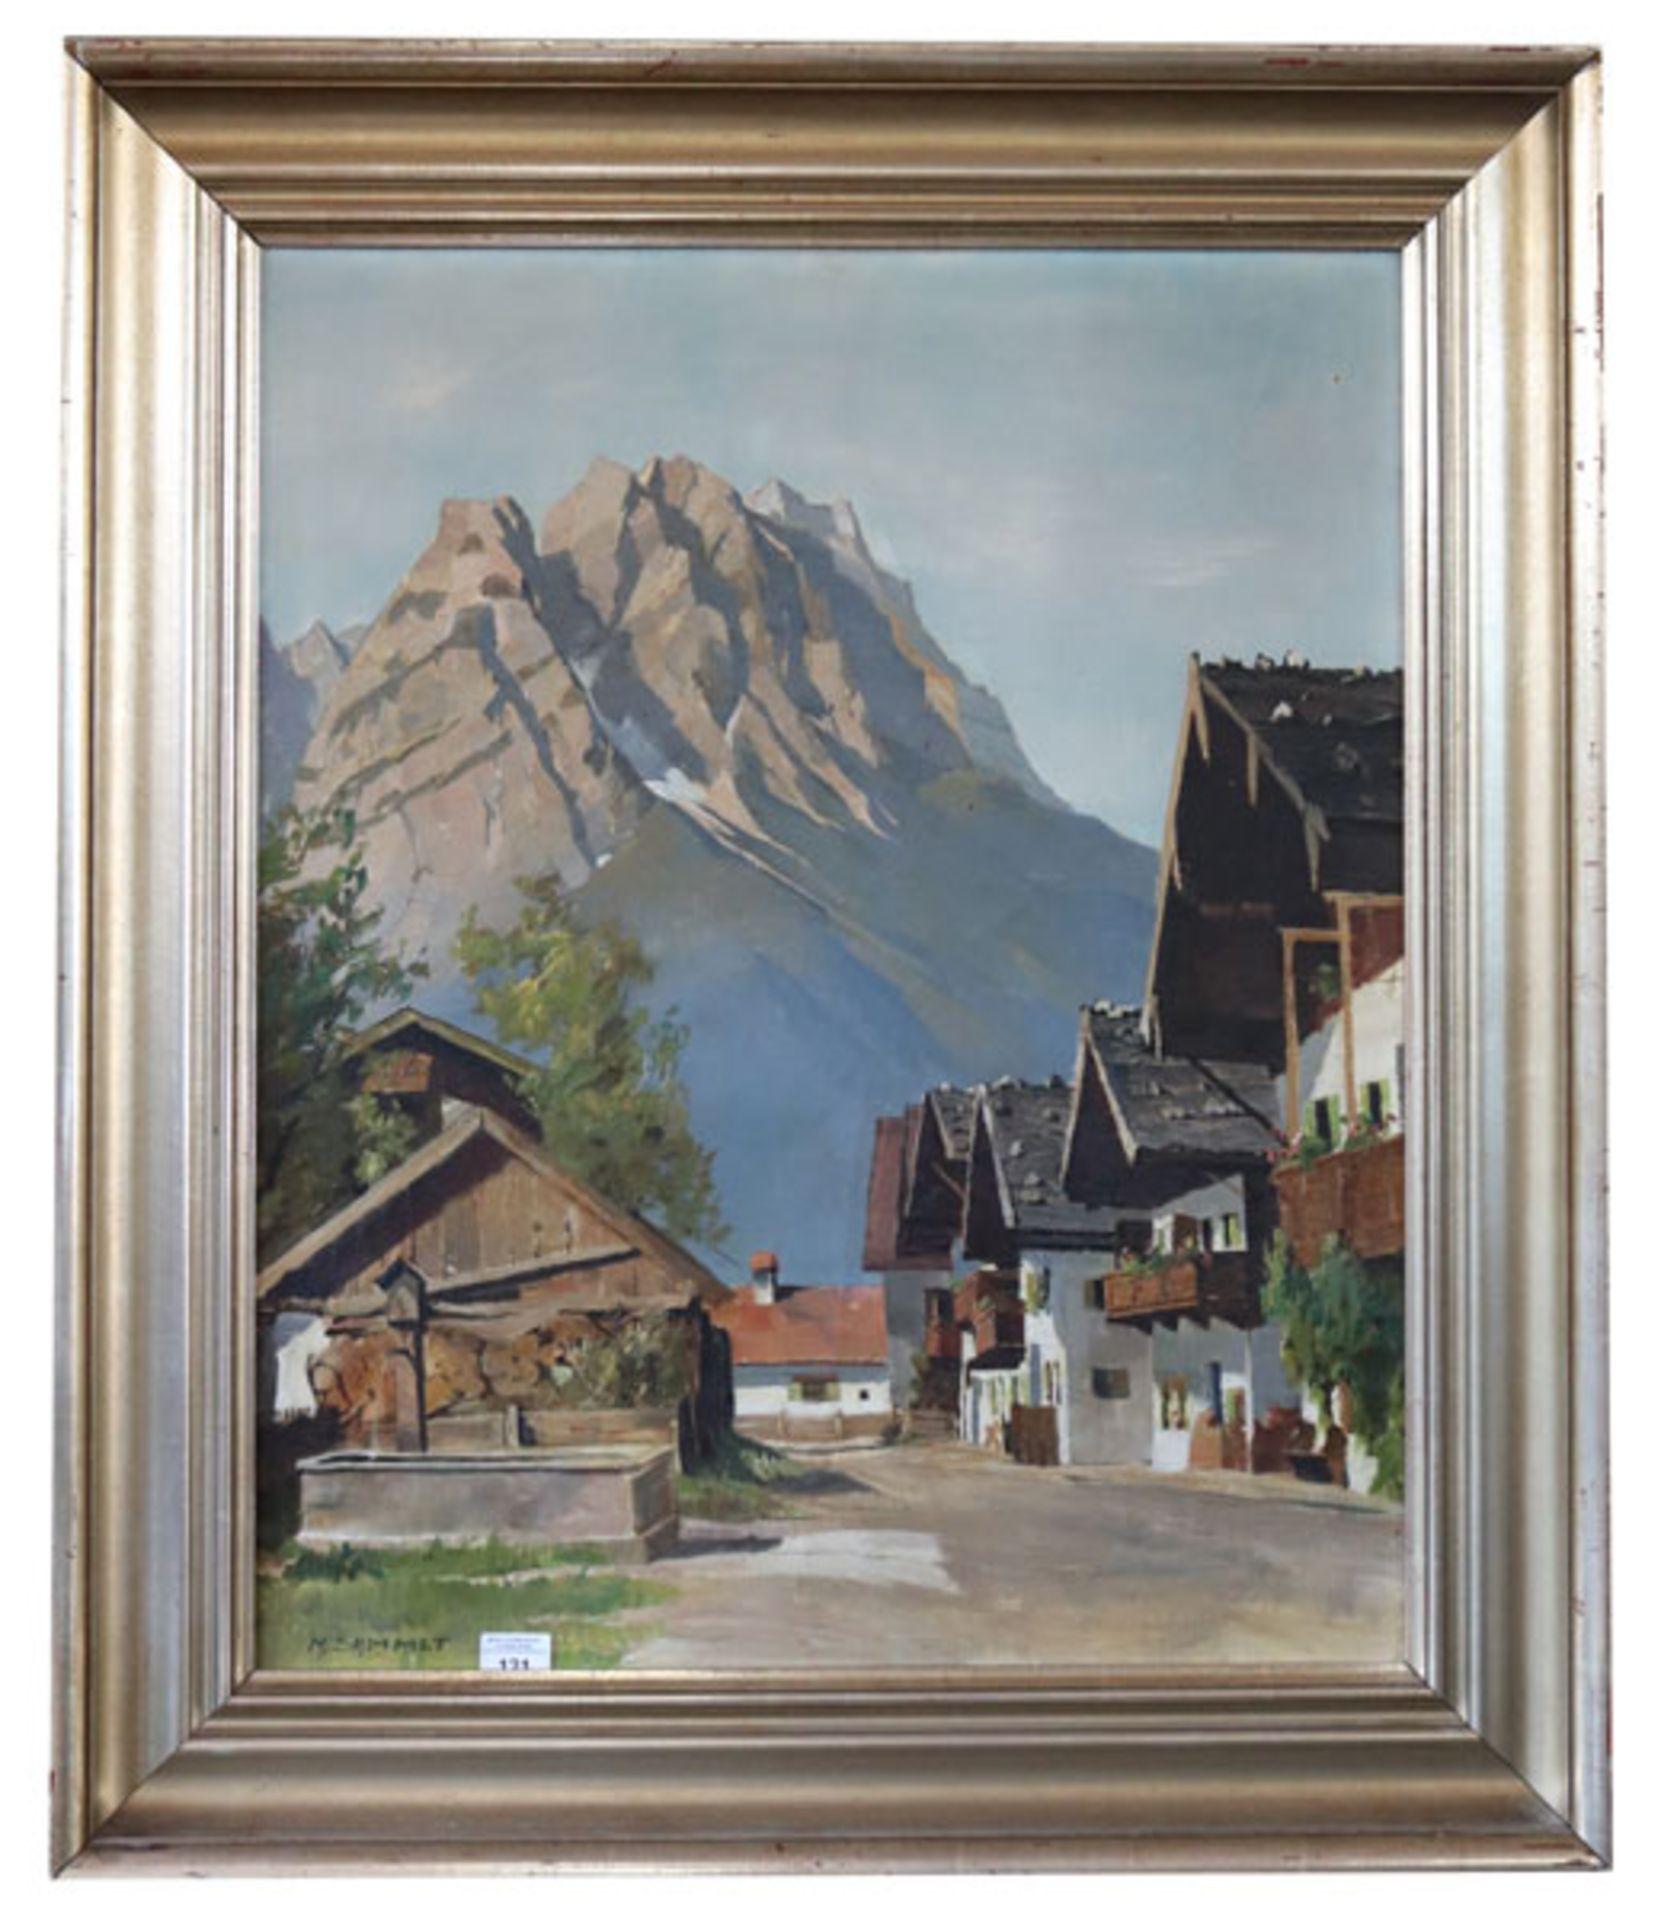 Gemälde ÖL/LW 'Frühlingsstrasse mit Waxensteinen', signiert M. Sammet, akademischer Maler, * 2.9.